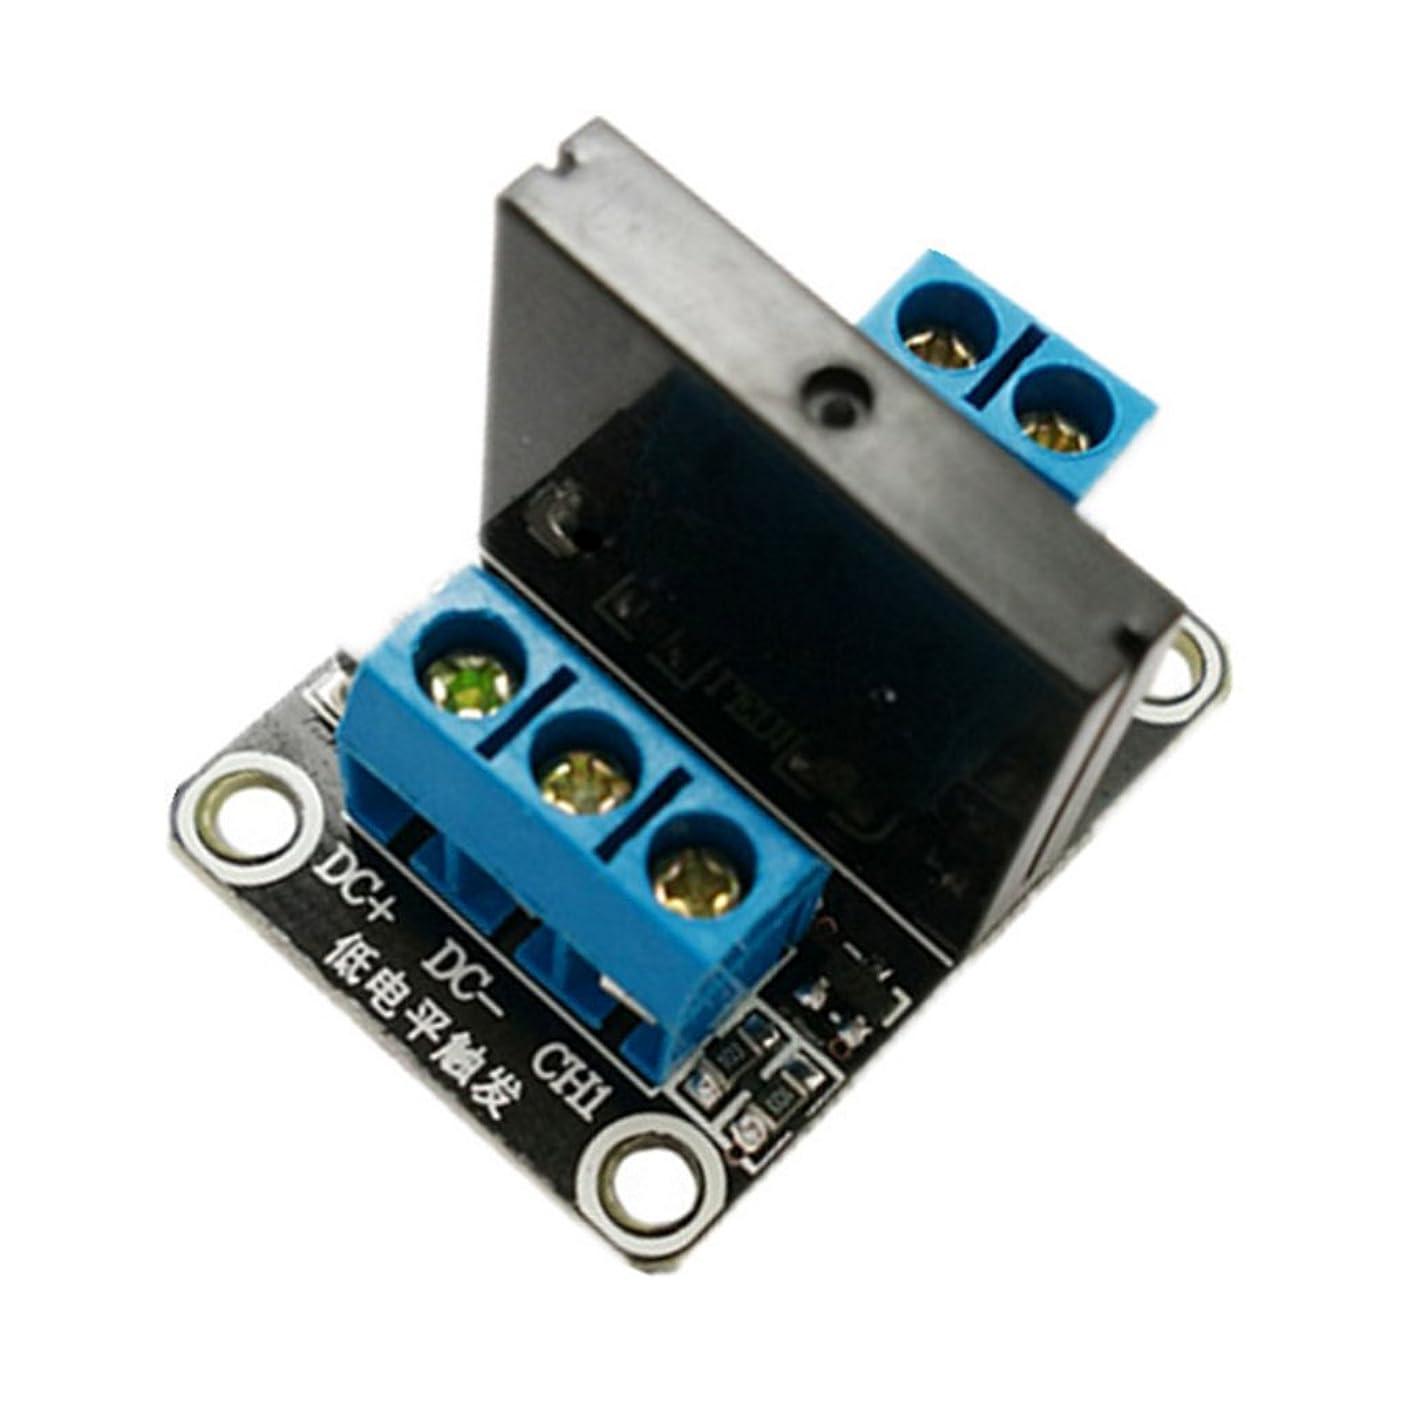 浮浪者科学的困惑したB Baosity 12V 1チャンネル ソリッド ステート リレー モジュール 抵抗ヒューズ G3MB-202P 電子部品 インストール簡単